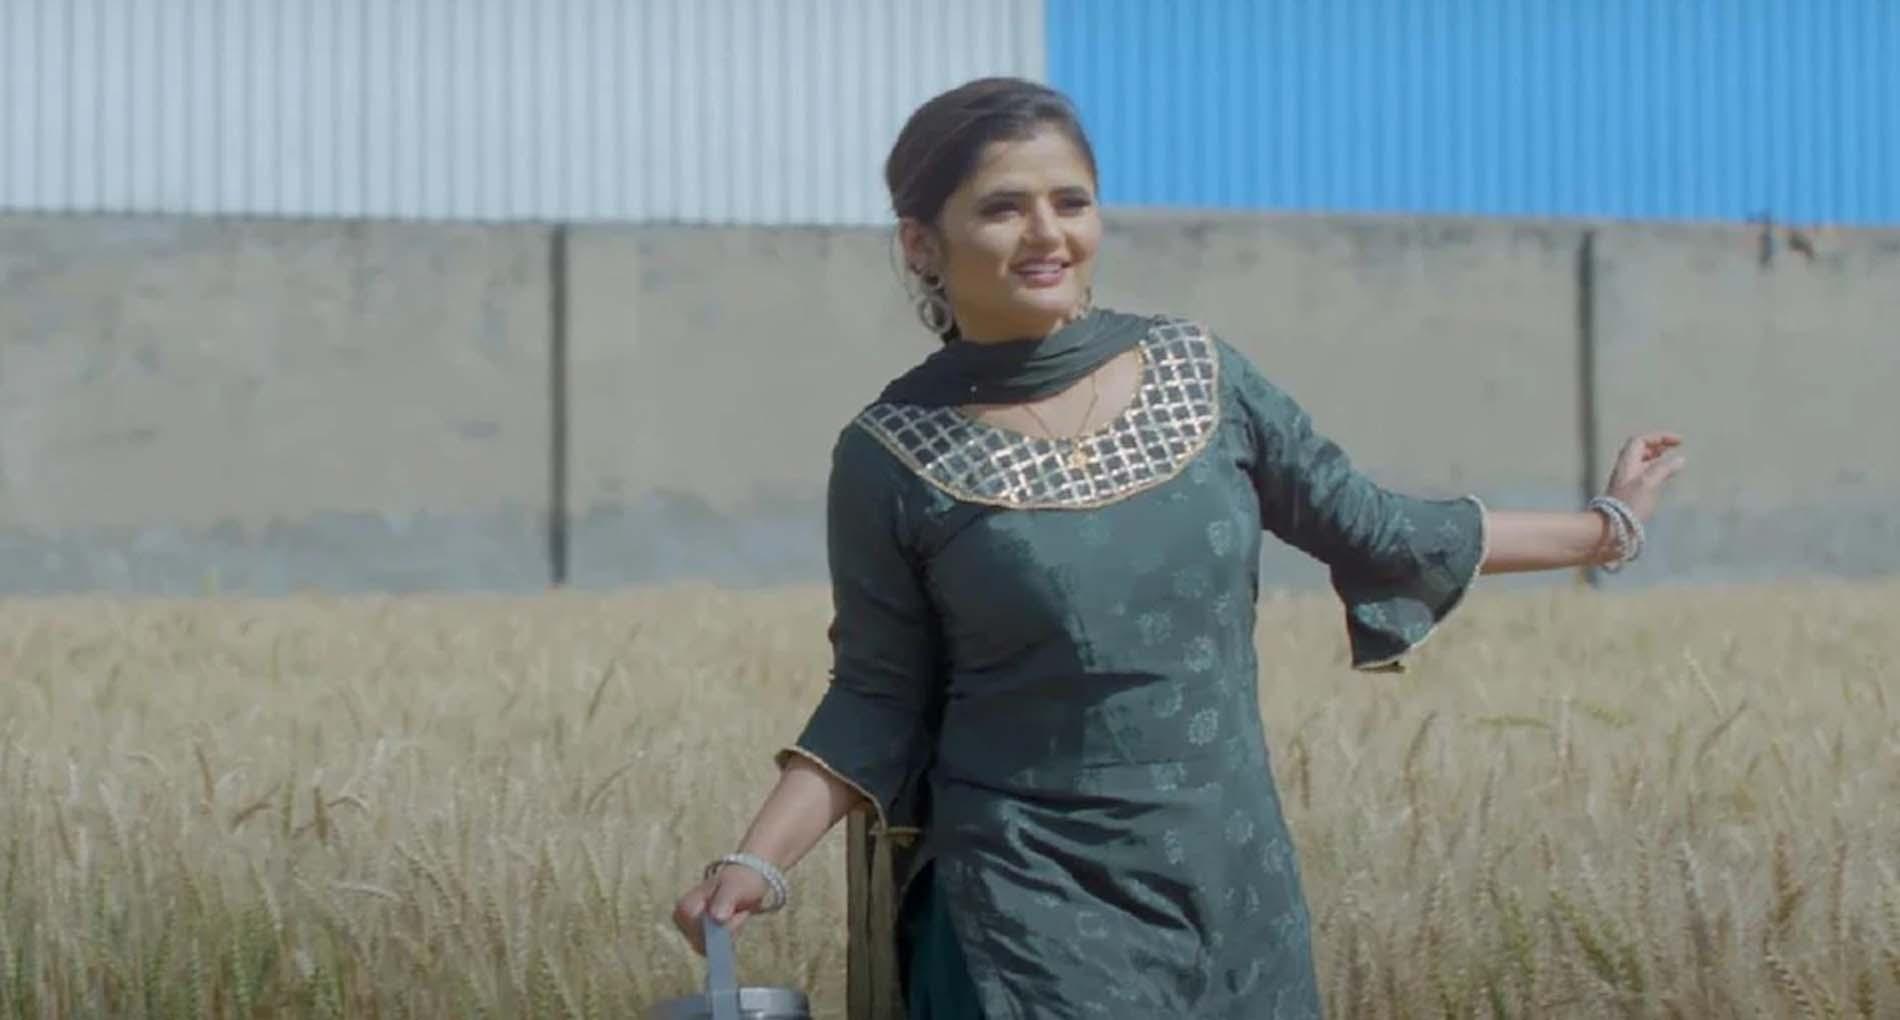 Haryanvi Song: अंजलि राघव का नया गाना 'सजनी' हुआ रिलीज! गाने में दिखी दो प्रेमियों की लव स्टोरी